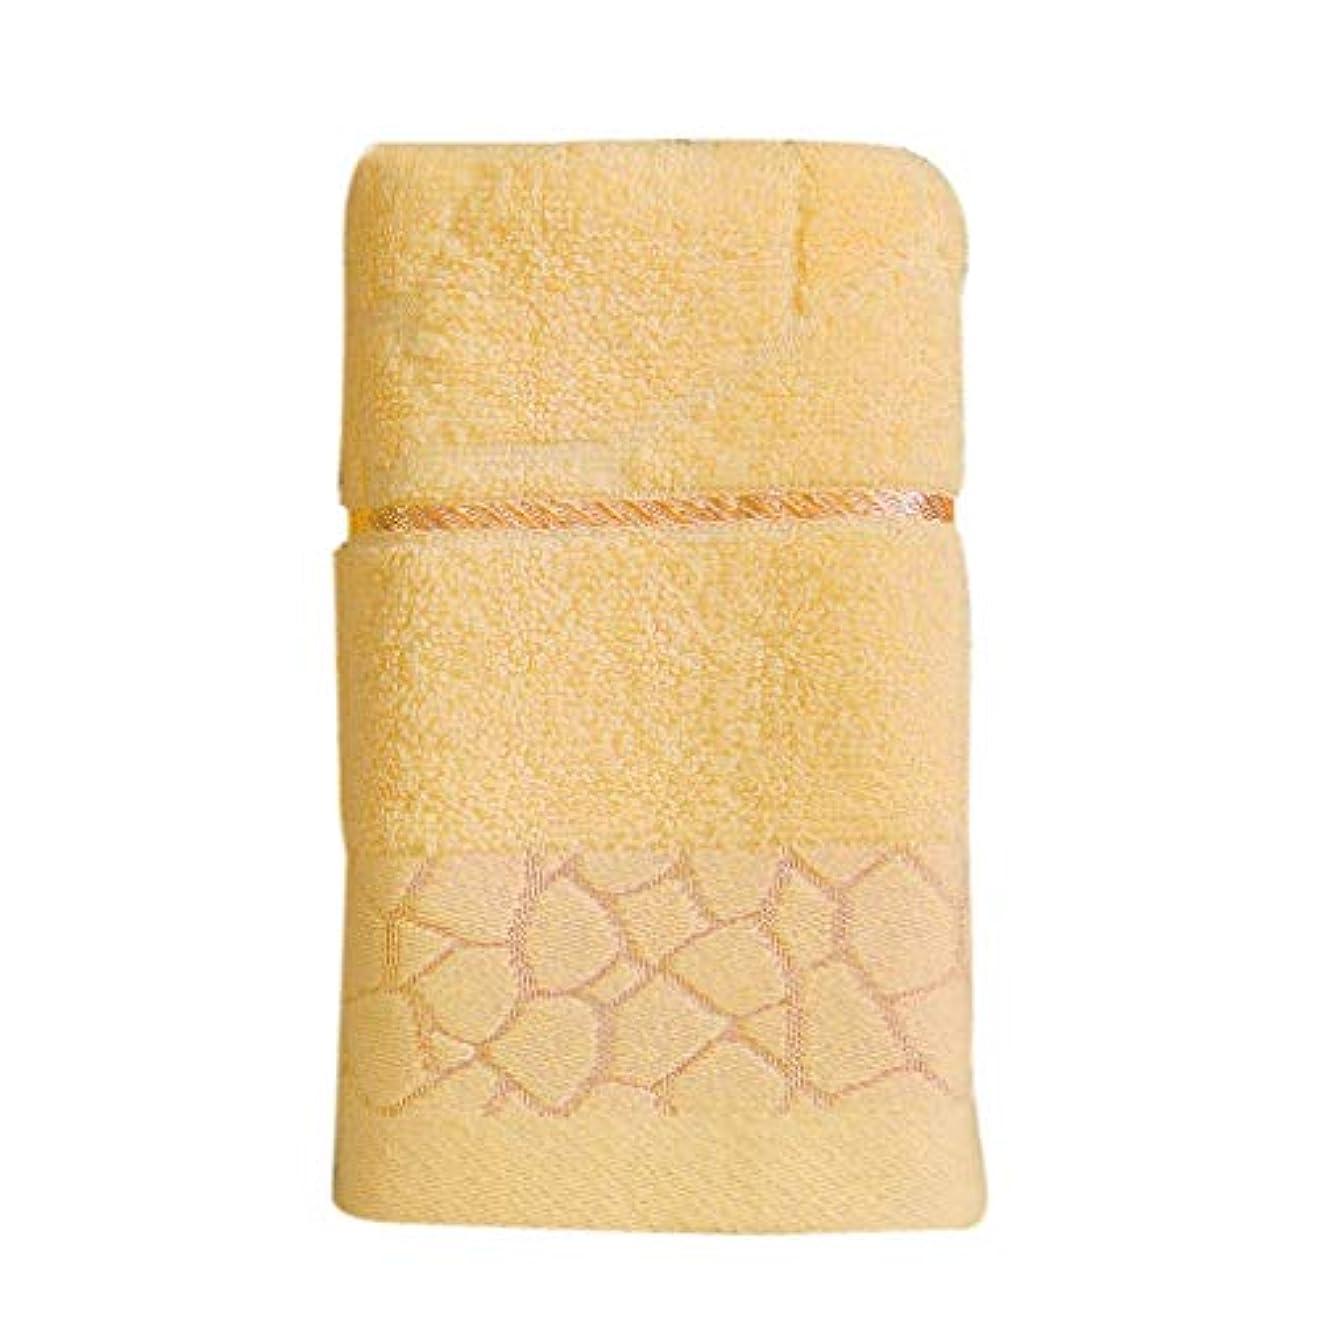 禁じる数値古代Maxcrestas - ウォーターキューブパターンピュアコットンタオルビーチバース吸収乾燥布